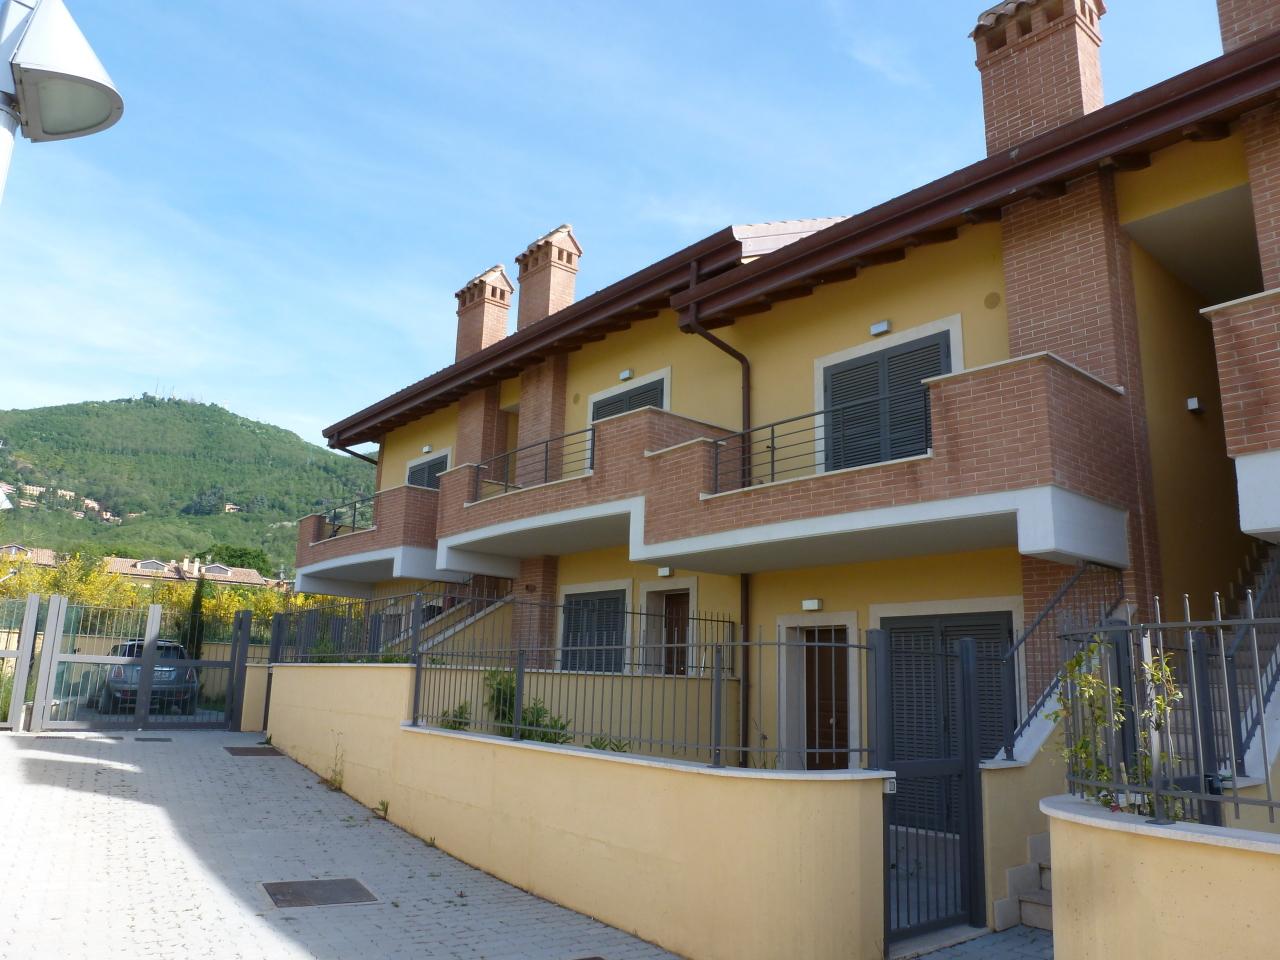 Appartamento in vendita a Rocca di Papa, 5 locali, prezzo € 149.999 | Cambio Casa.it